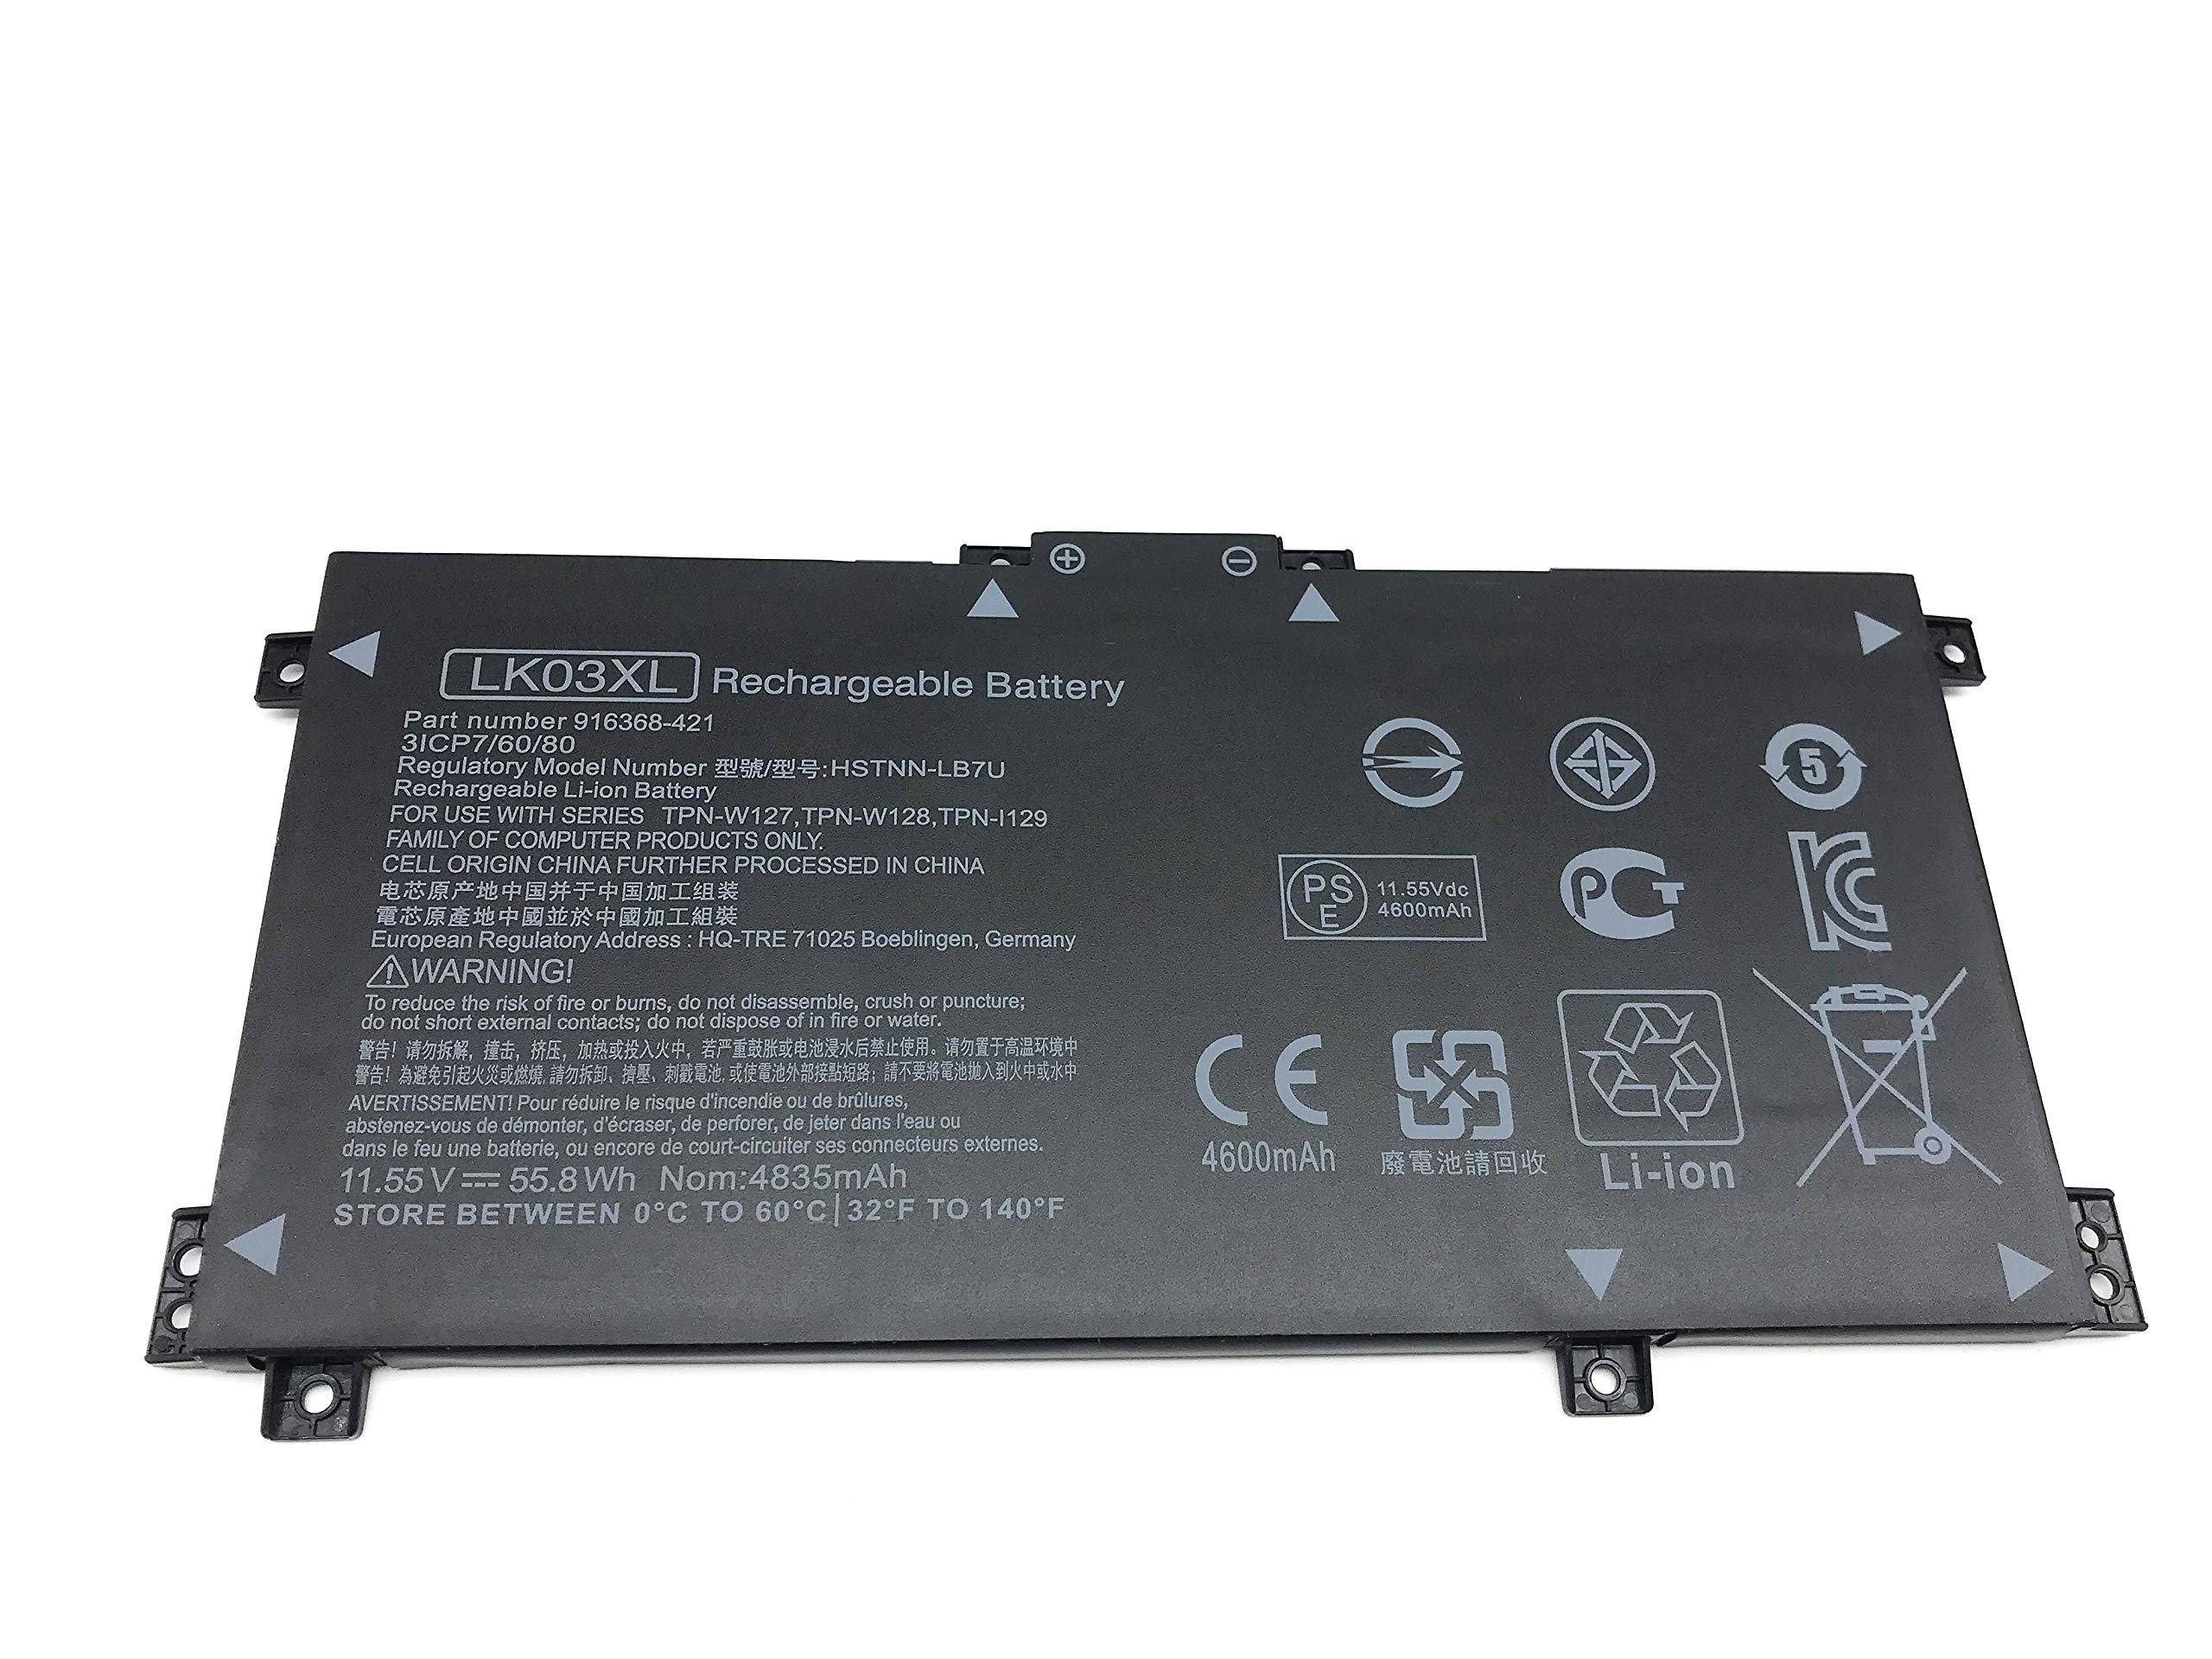 Bateria LK03XL HP Envy 17M Series HSTNN-LB7U 916368-421 9163